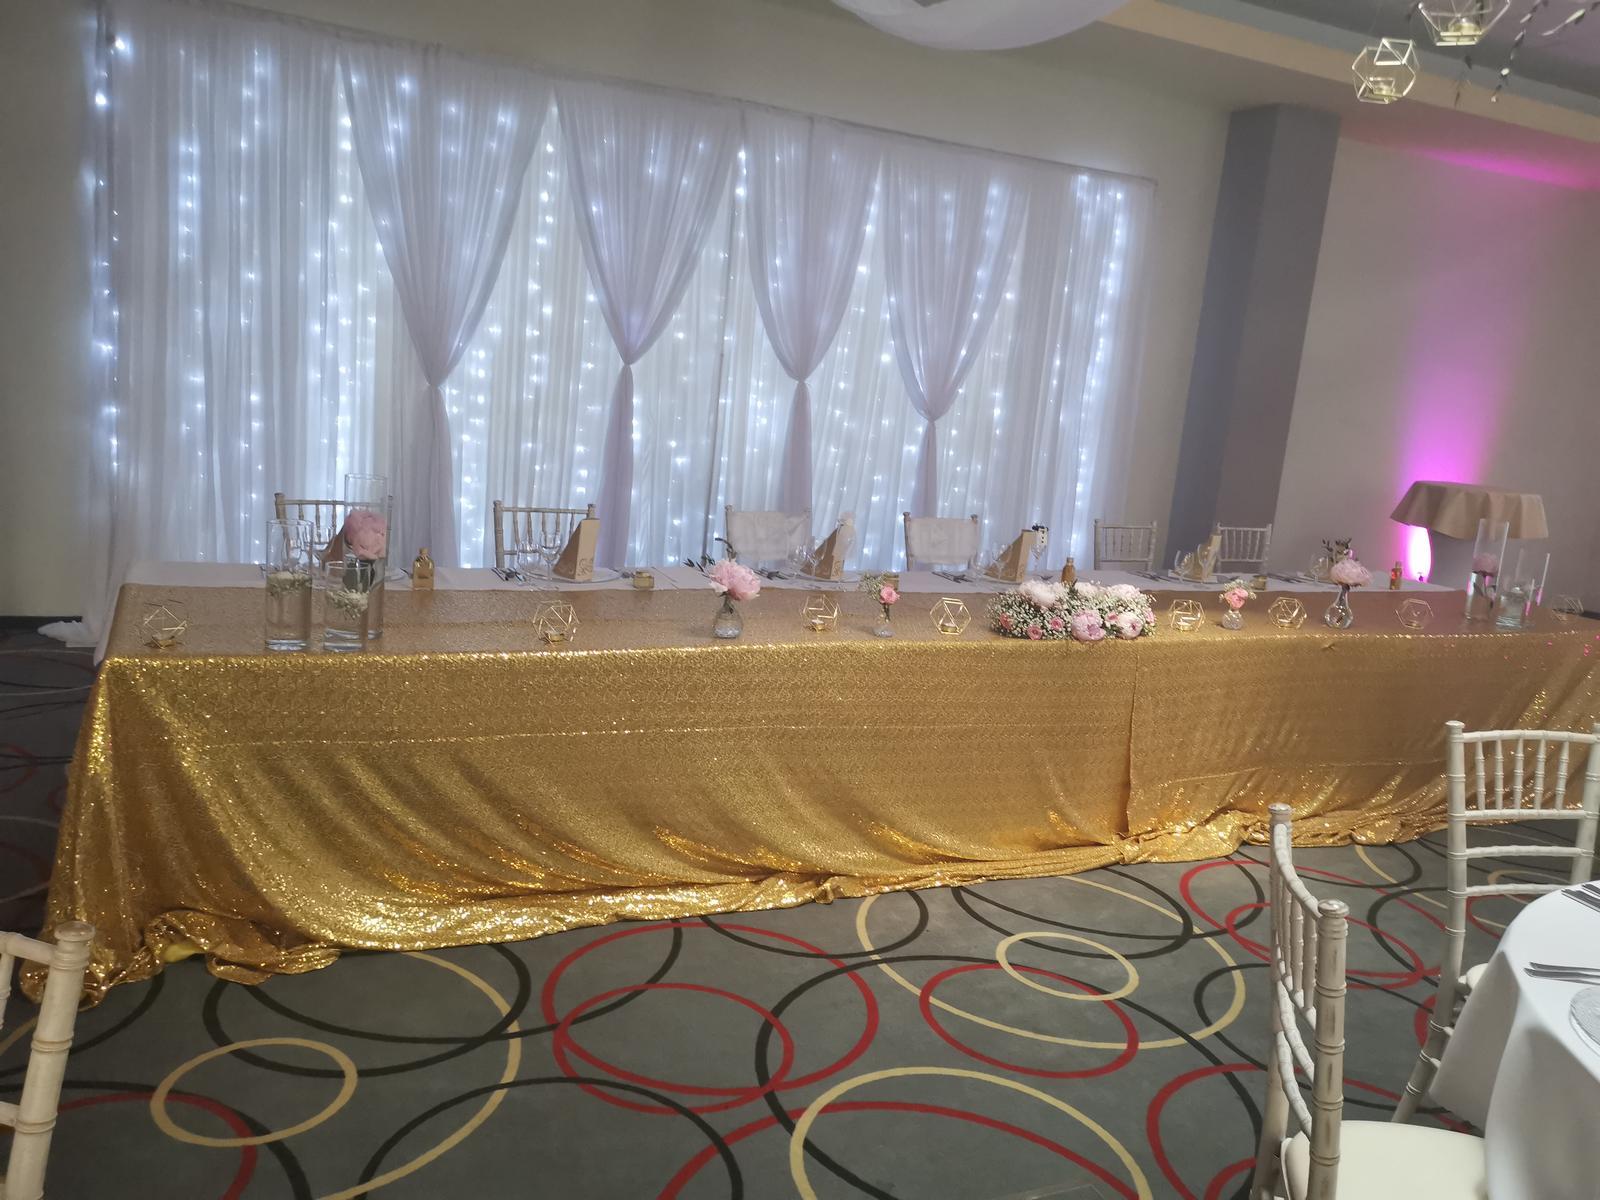 Glitrový obrus zlatý na hlavný stôl  - Obrázok č. 1